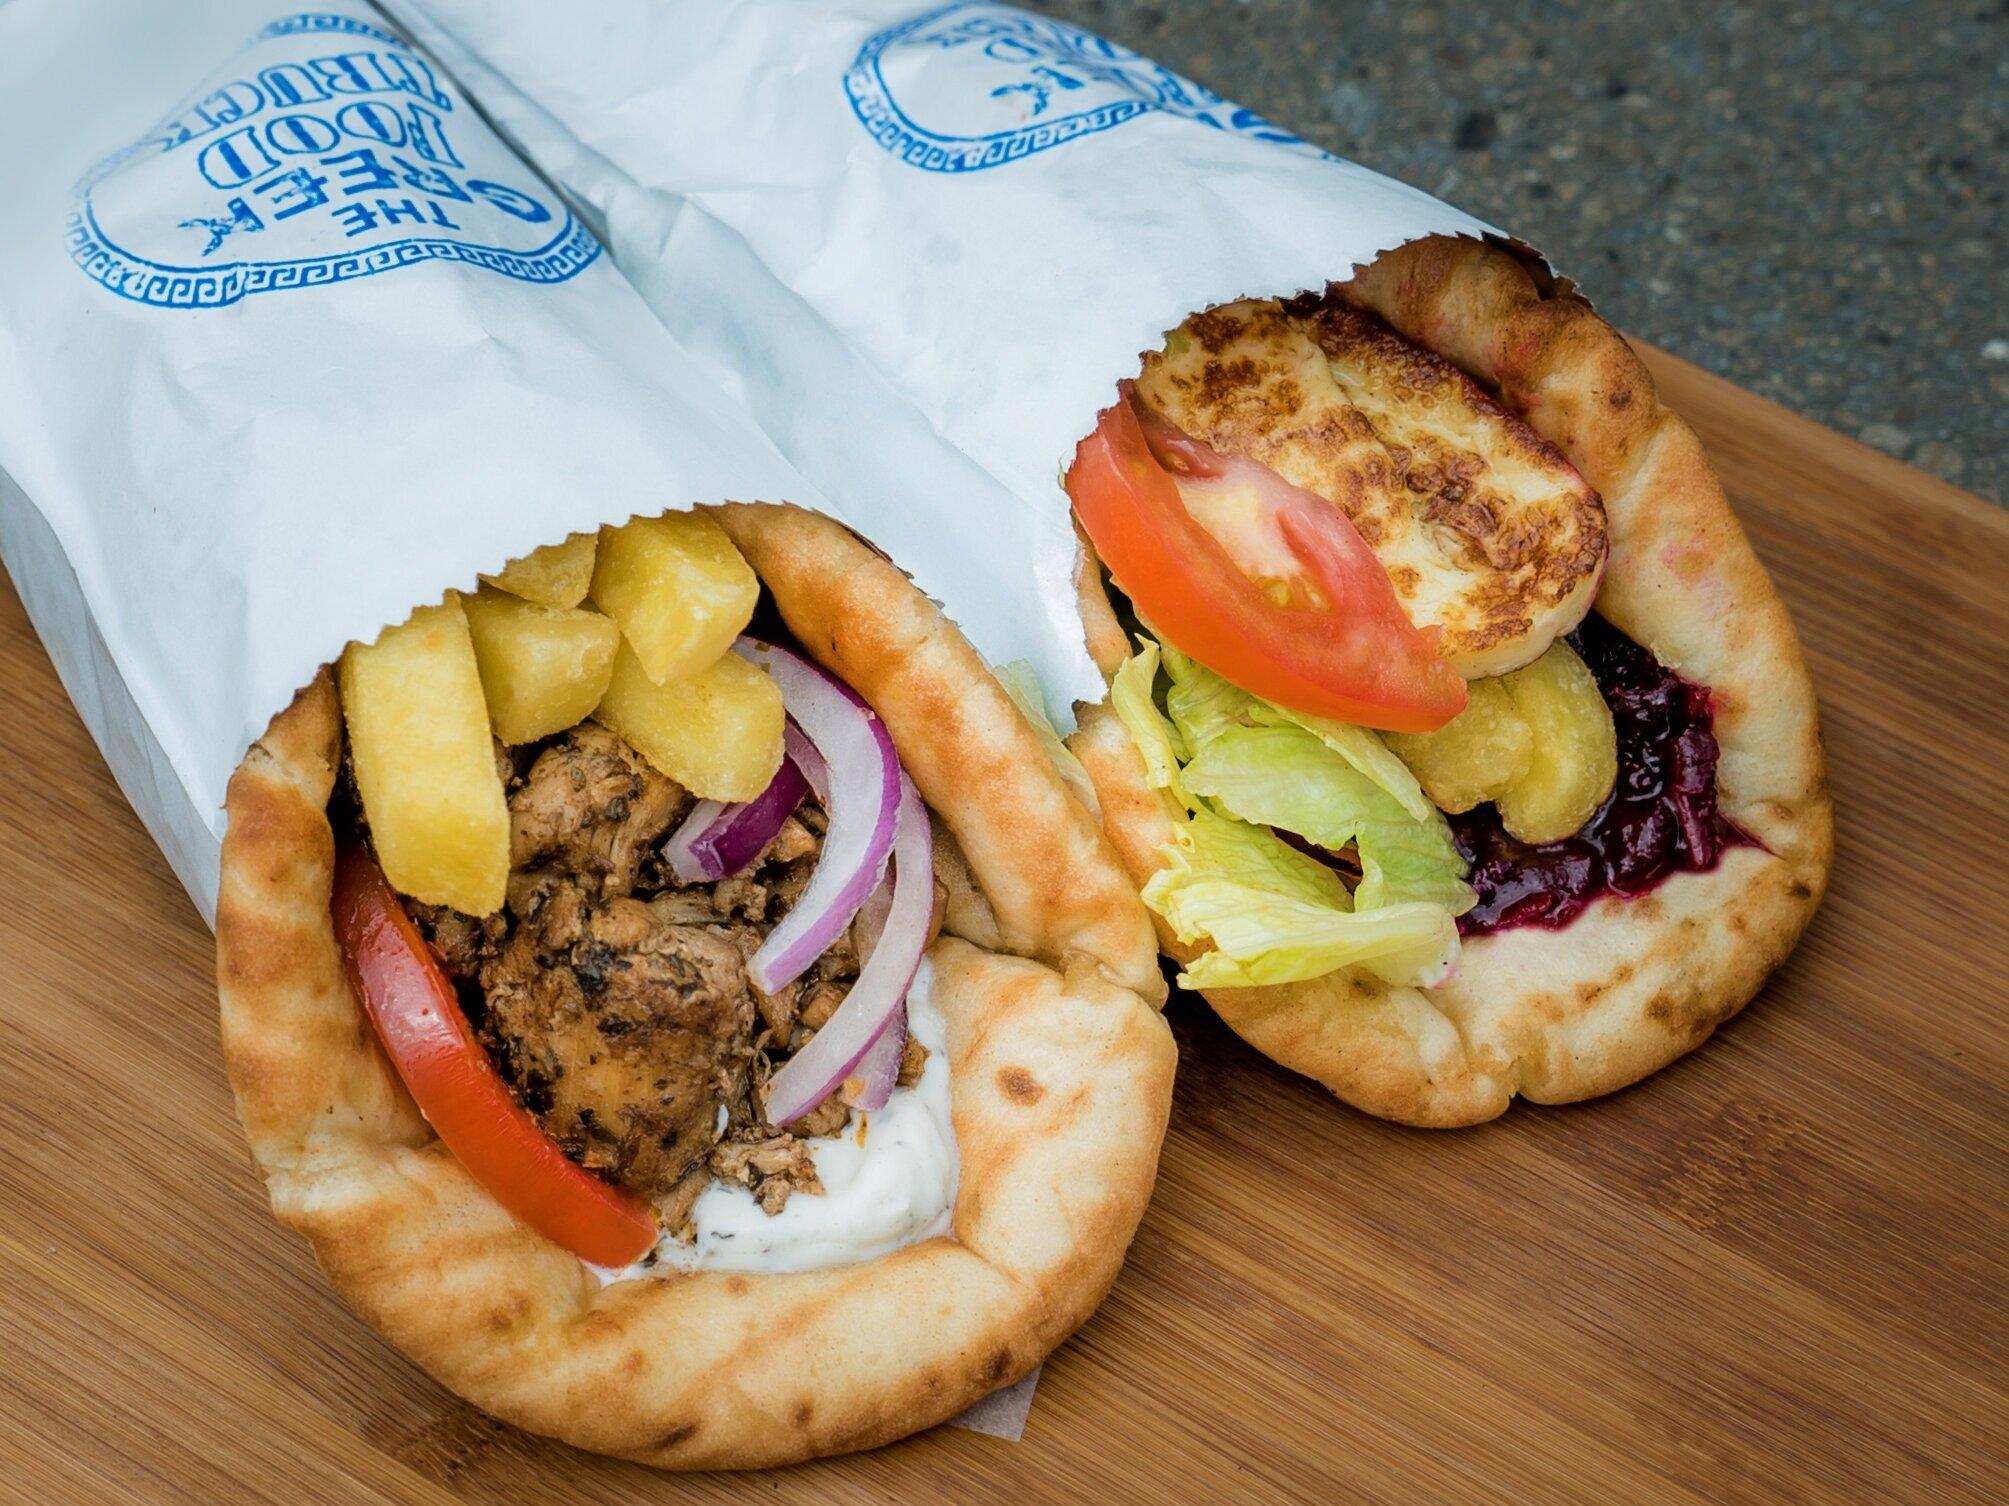 The Greek Food Truck